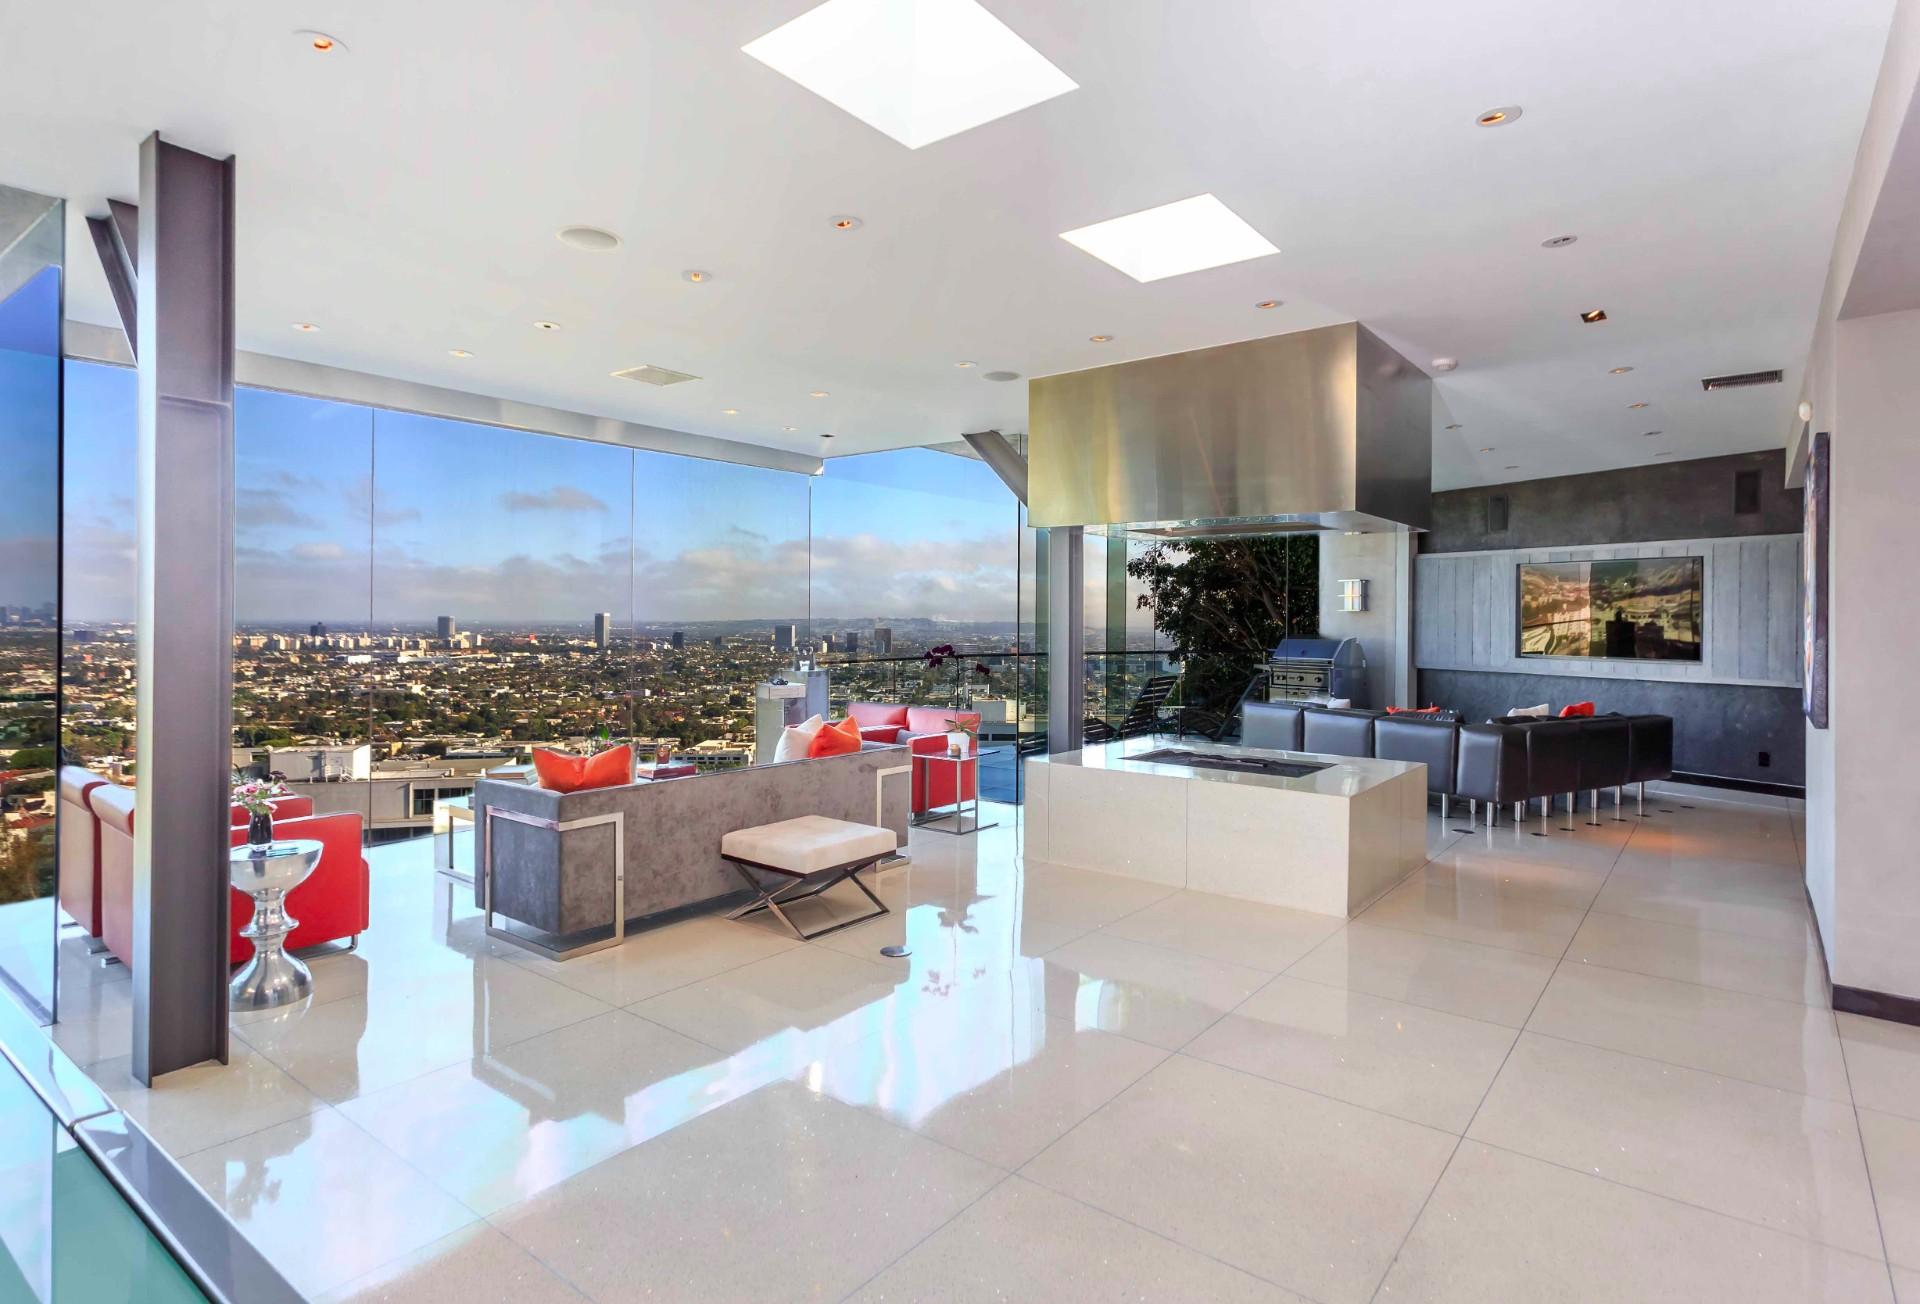 8444-Harold-Way-living-room-view